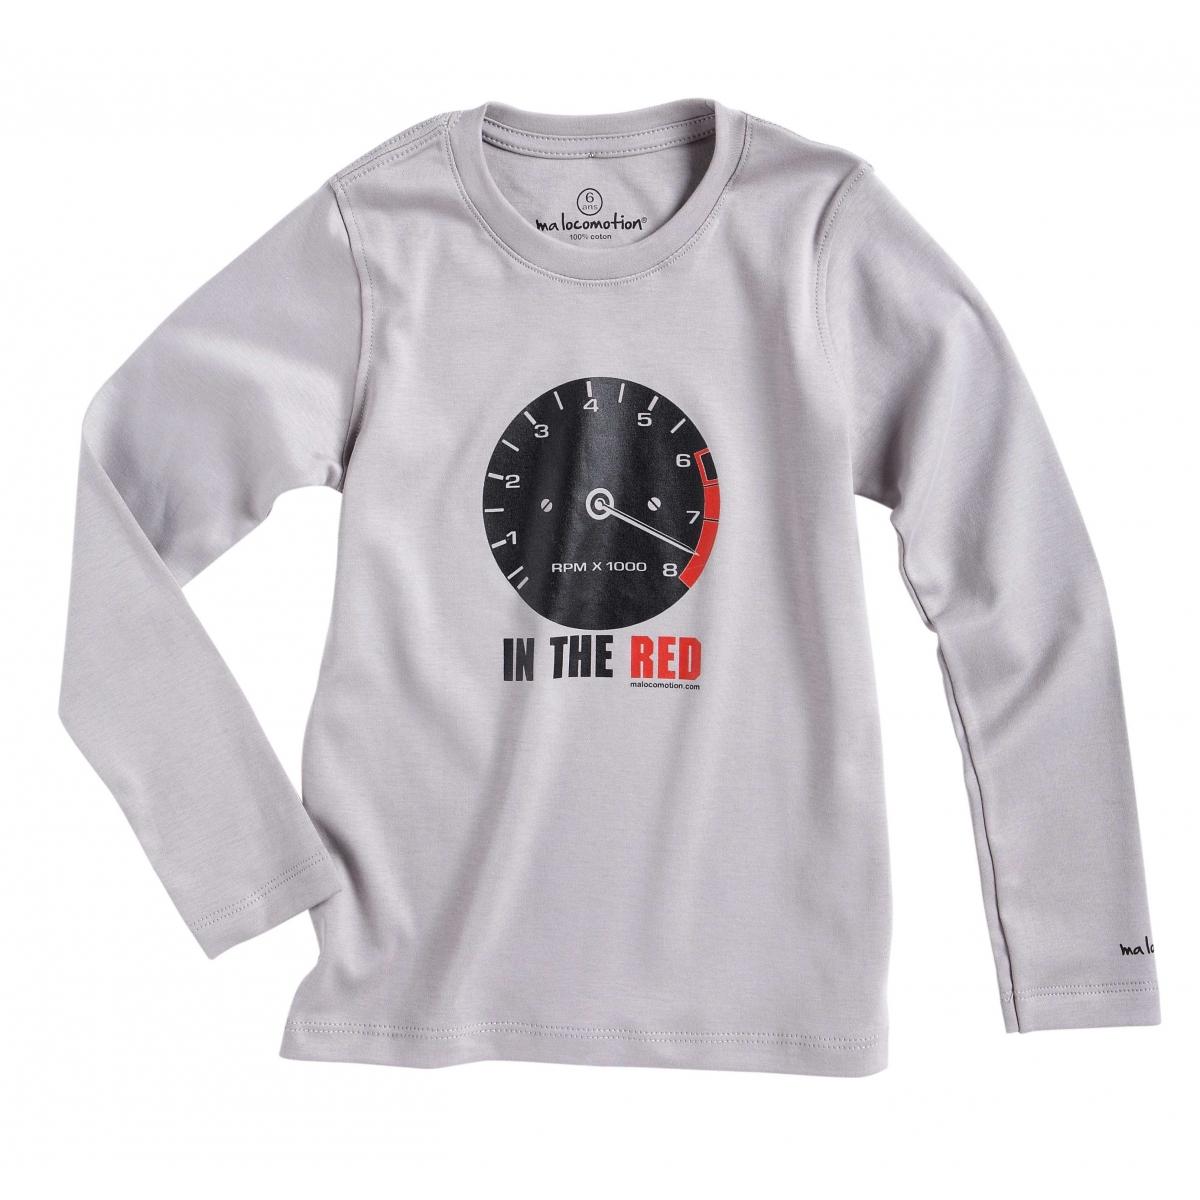 Tee shirt vintage compte-tours gris pale